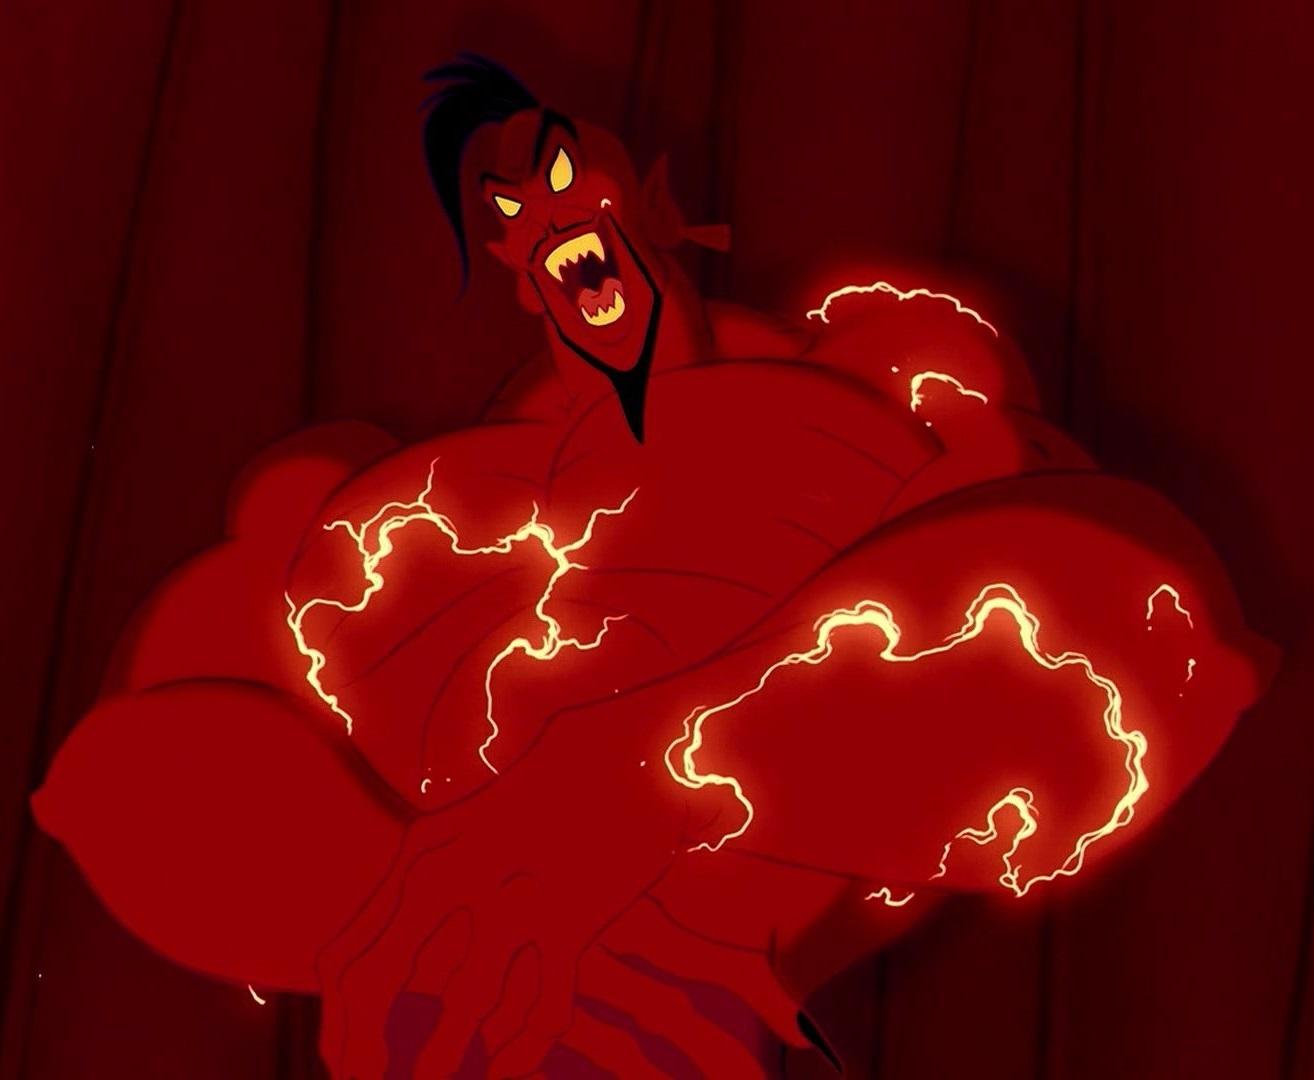 Image Jafar Genie Jpg Superpower Wiki